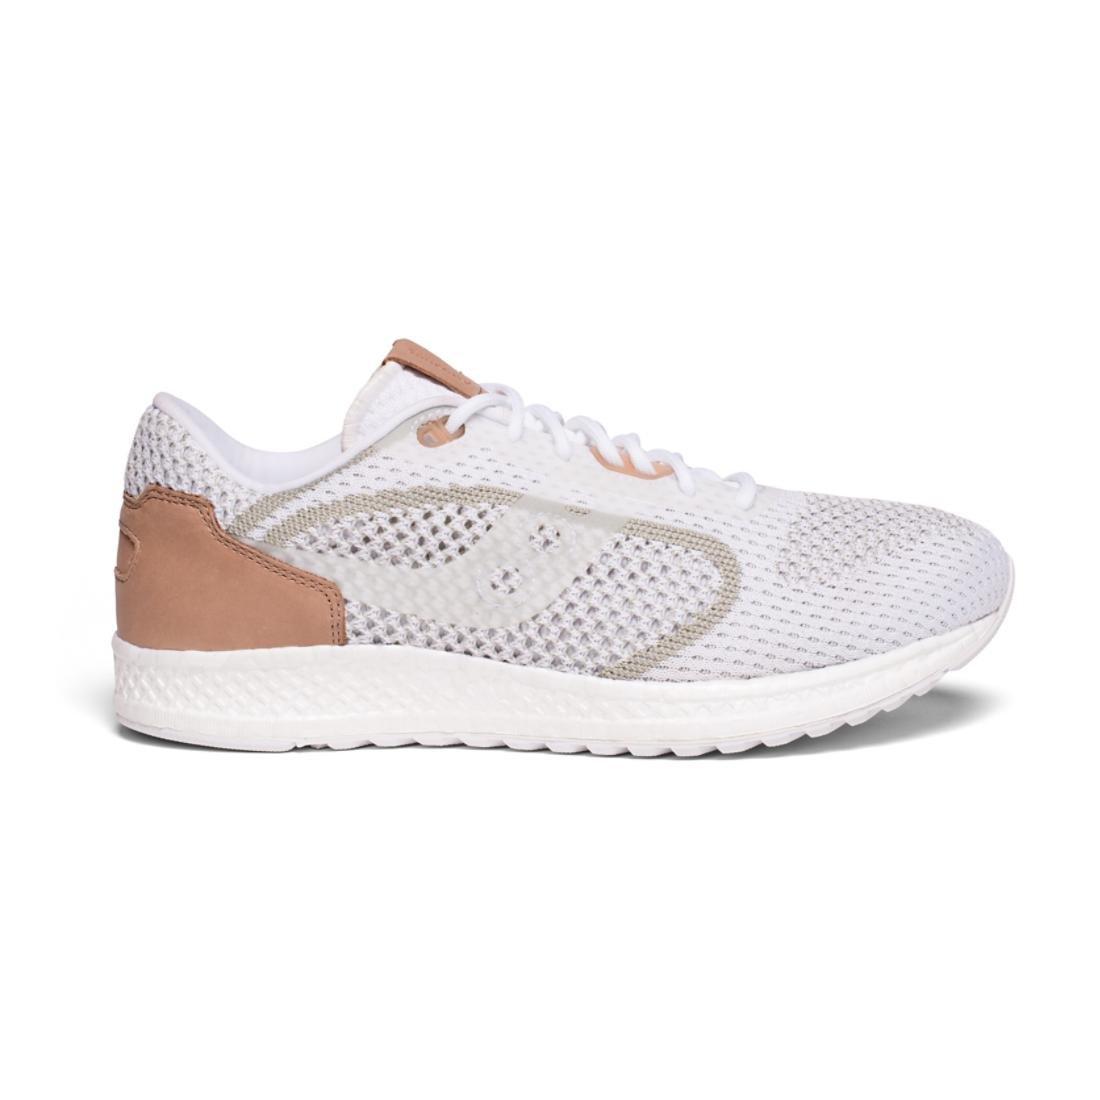 Saucony - Zapatillas de Running de Sintético para Hombre Blanco Blanco 44 EU